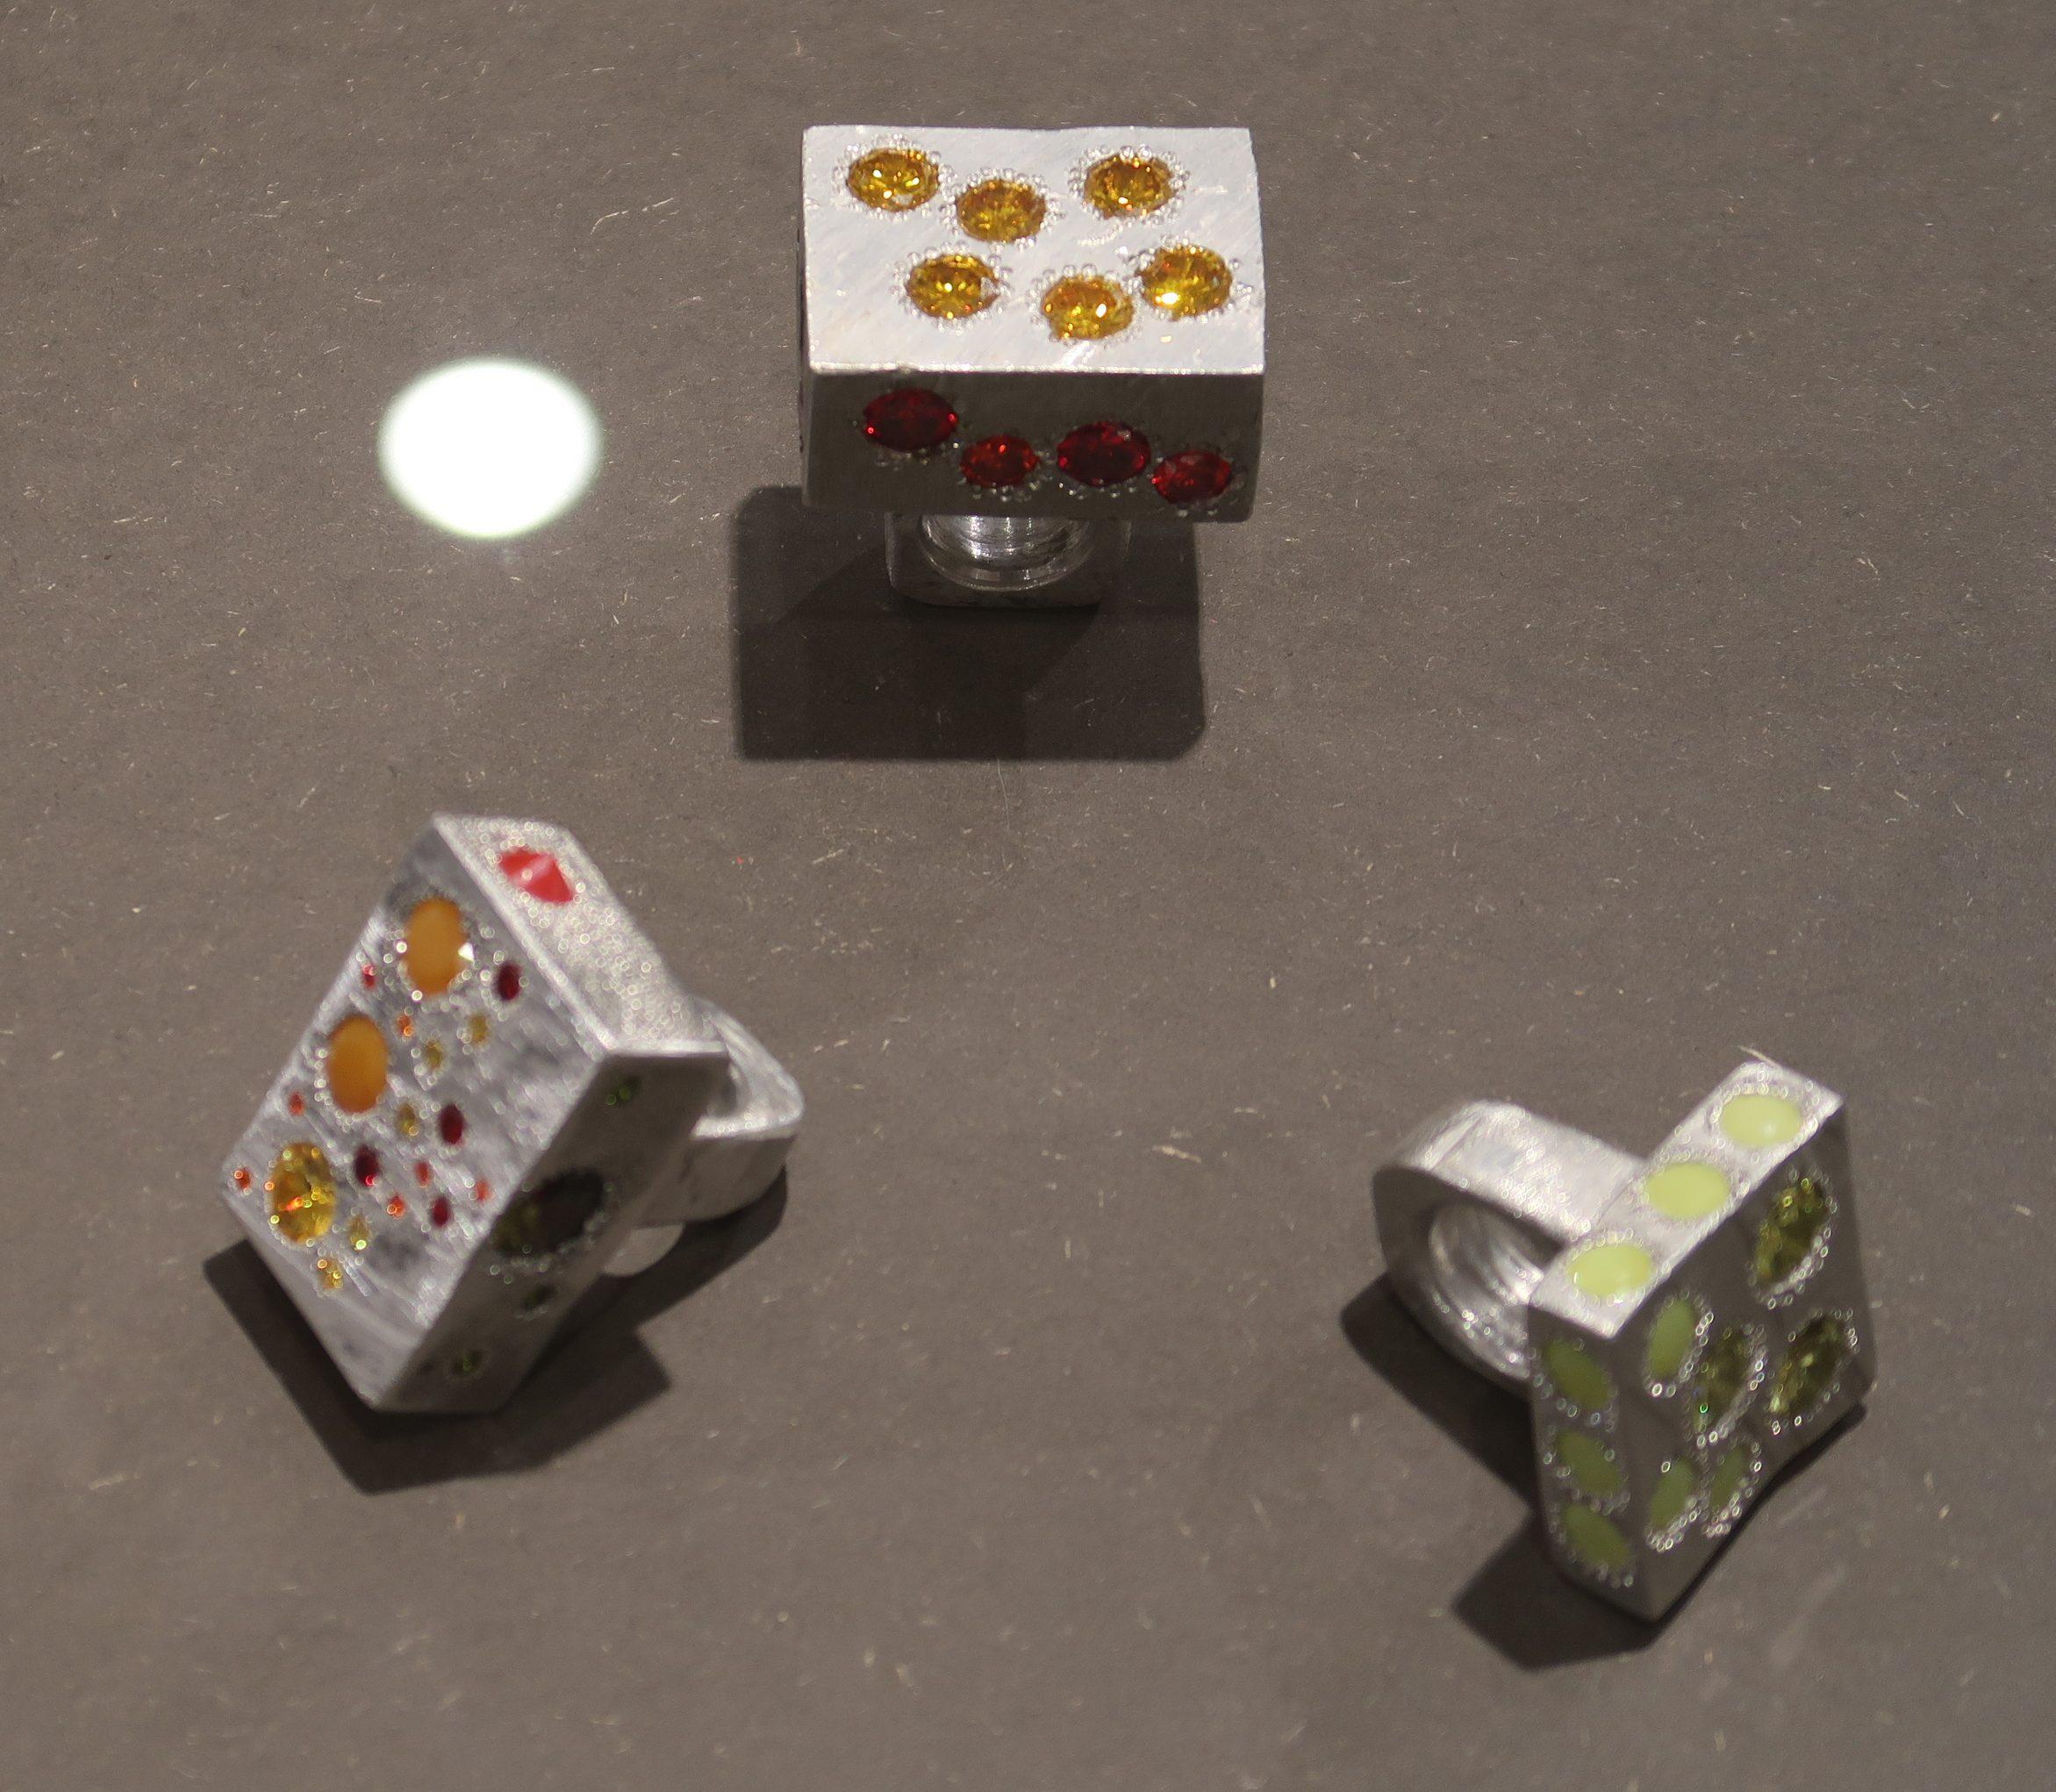 Karl Fritsch, ringen, Stones - The Final Cut, Galerie Handwerk, München, 11 maart 2020. Foto Coert Peter Krabbe